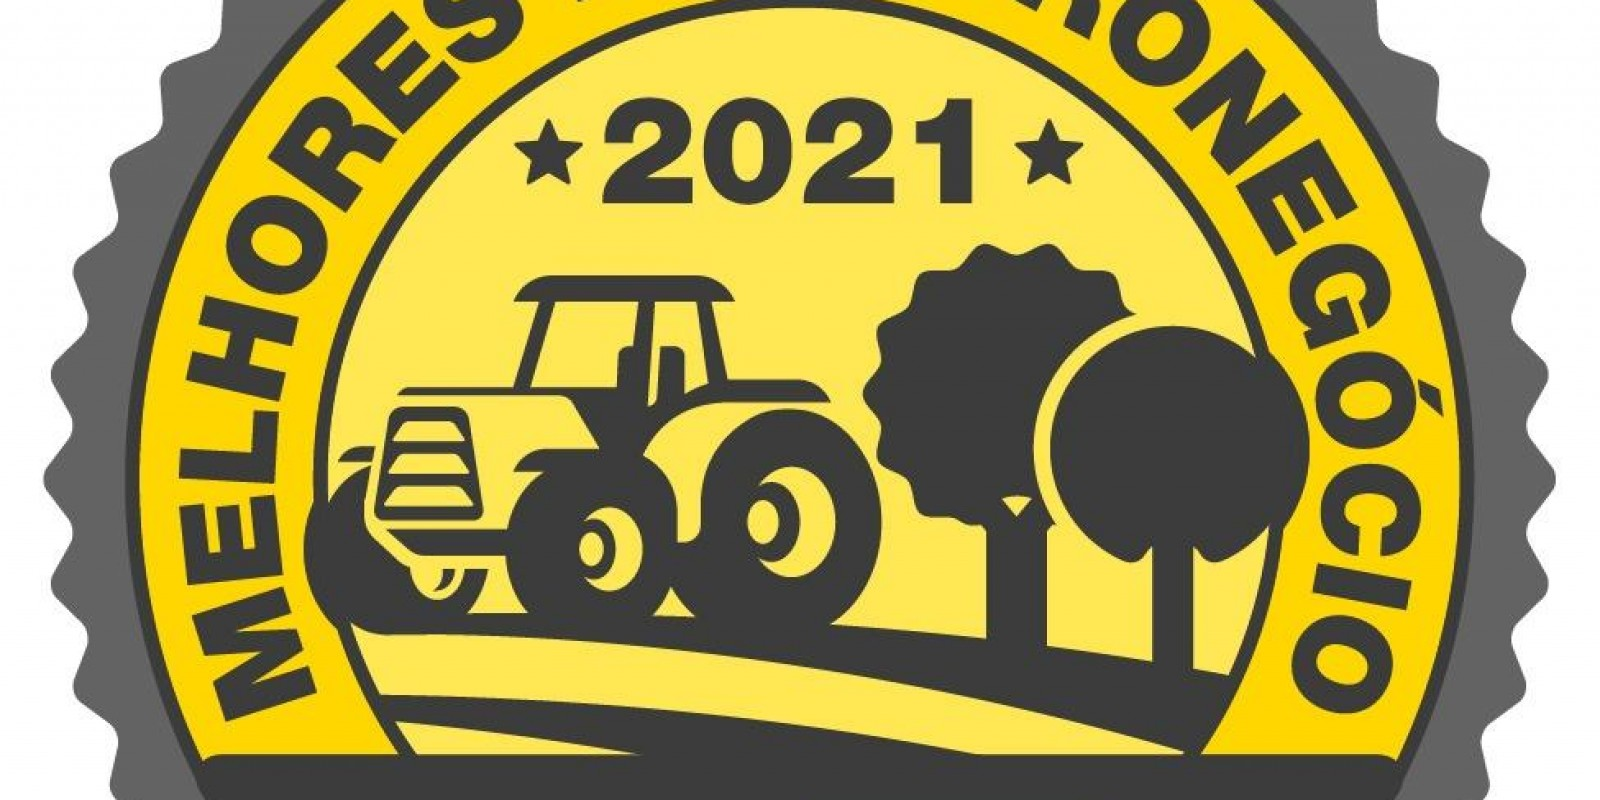 Emater-MG conquista prêmio Melhores do Agronegócio 2021